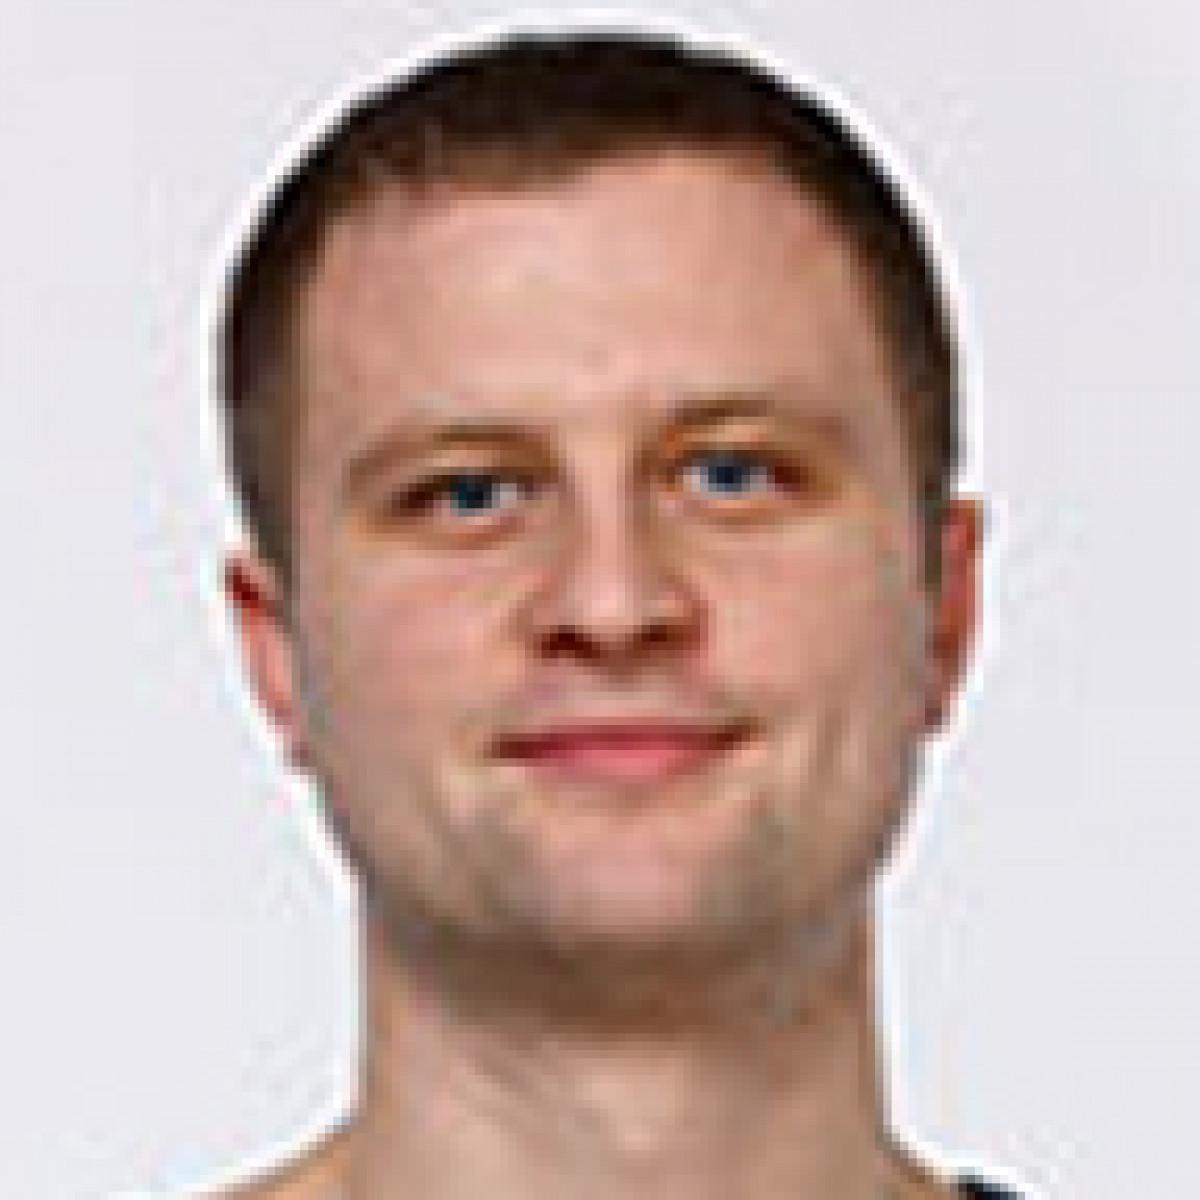 Roman Kozlov